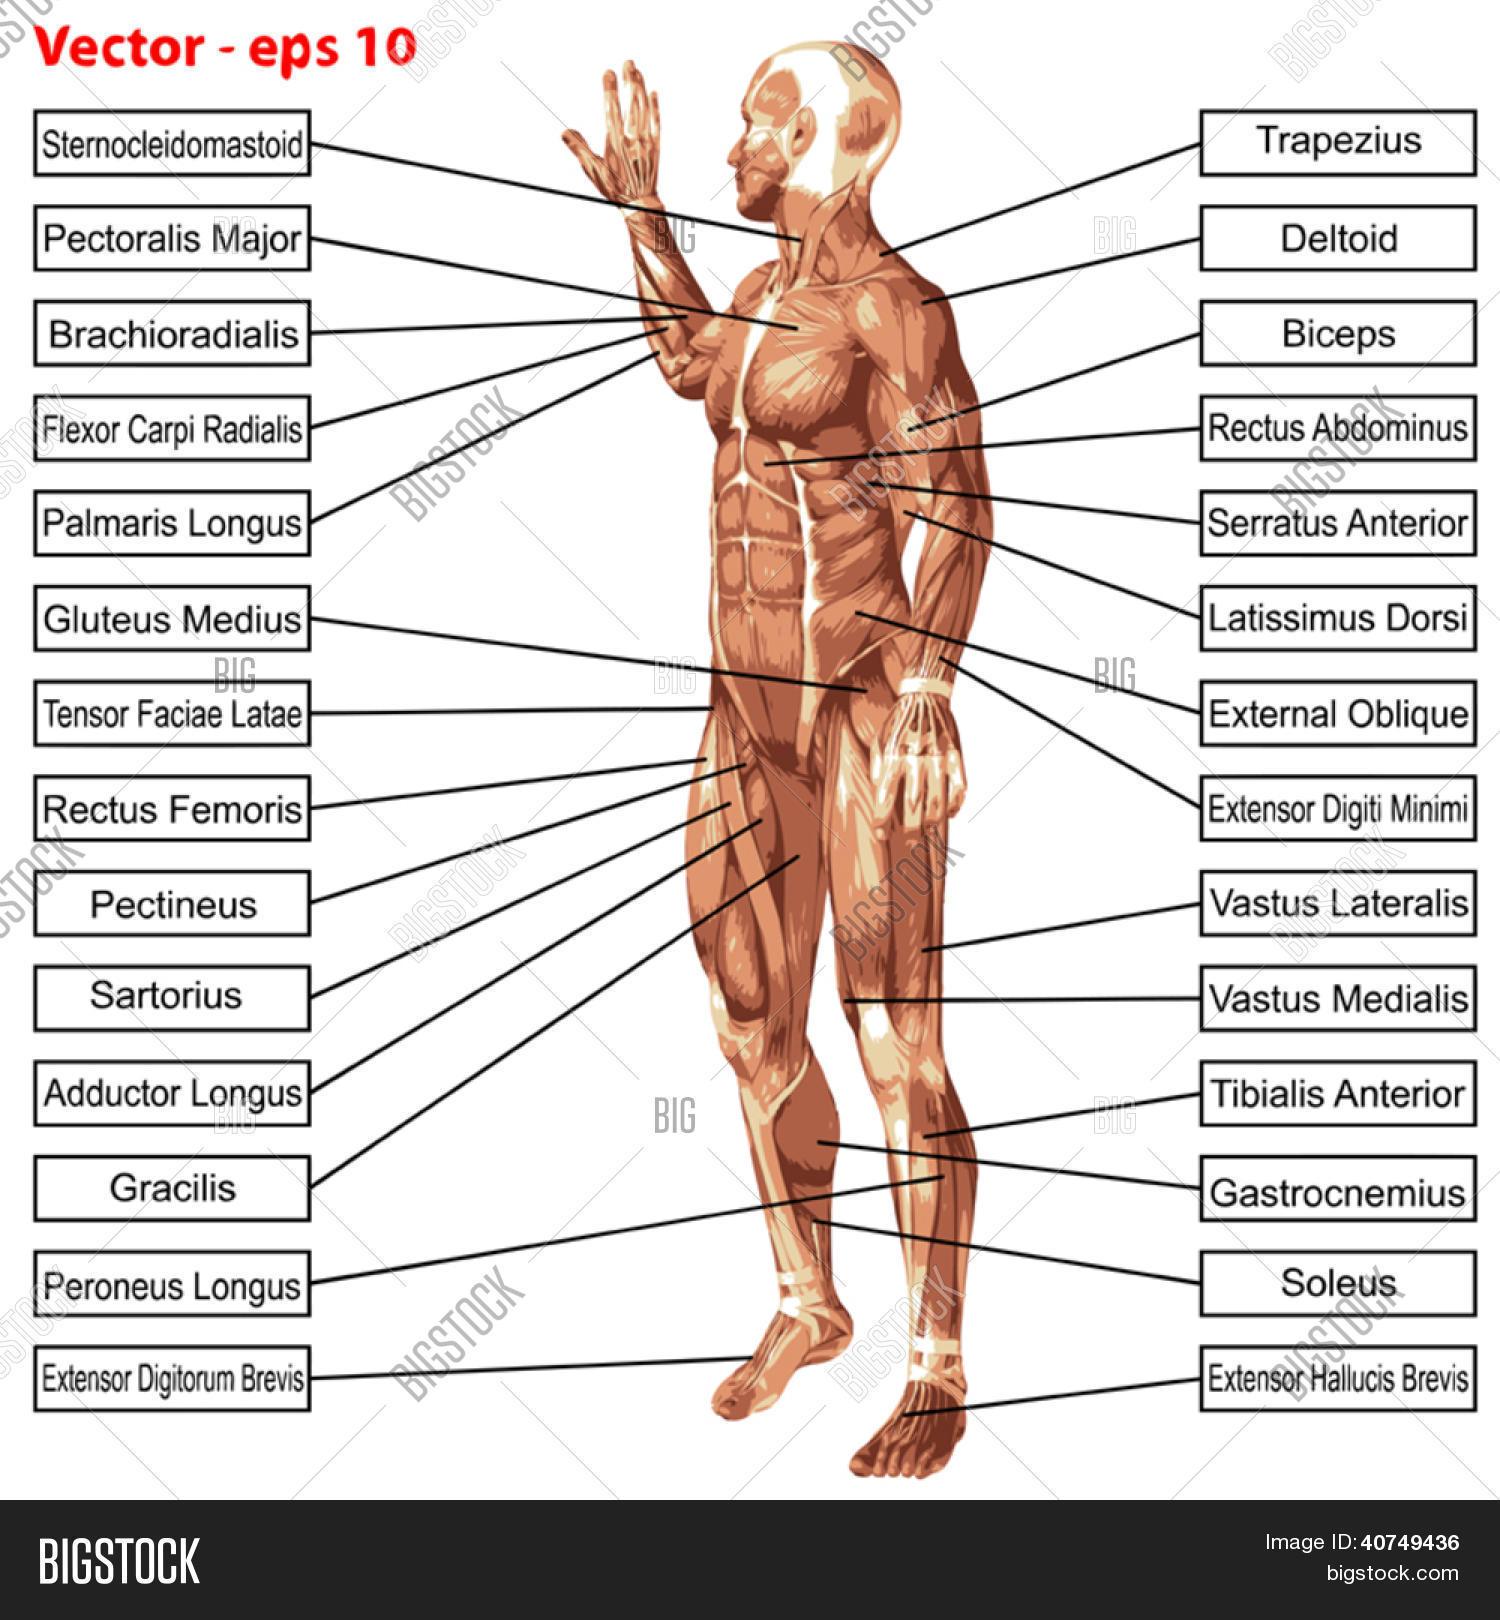 Vector y foto 3D Vector Anatomí Masculina O | Bigstock